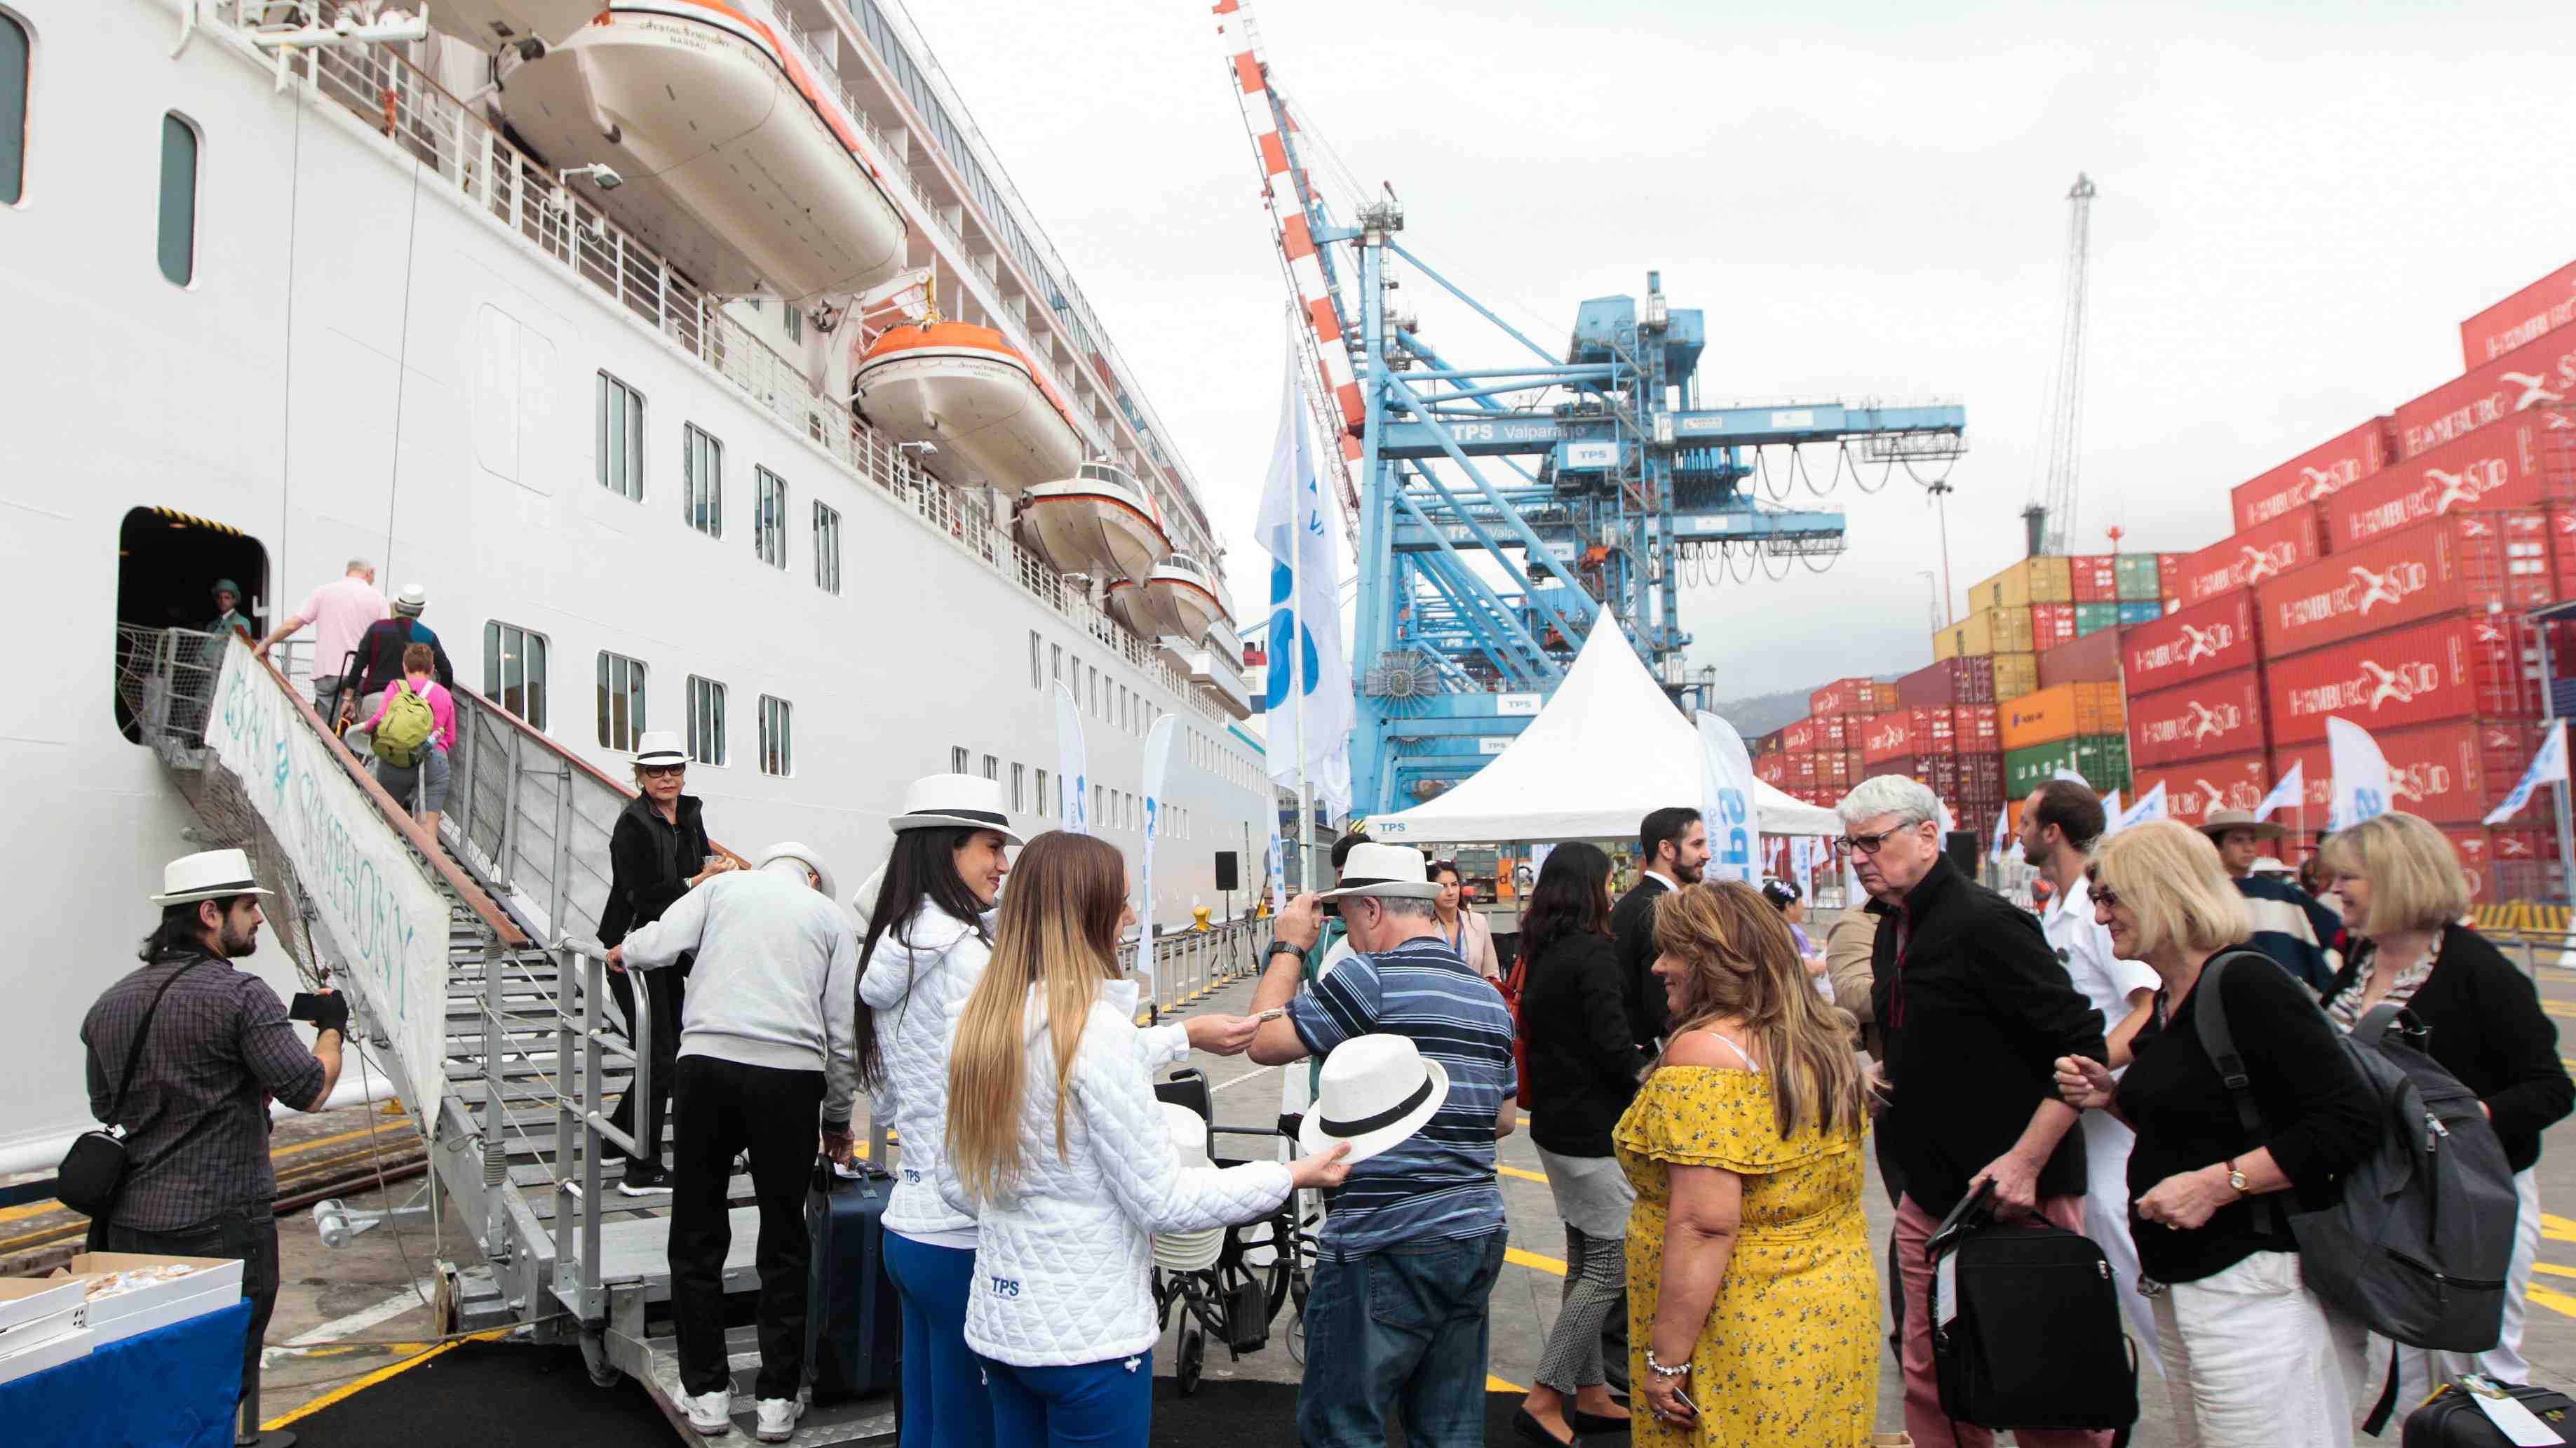 Ganar dinero viajando: Navieras buscan a 300 chilenos para trabajar en cruceros de lujo